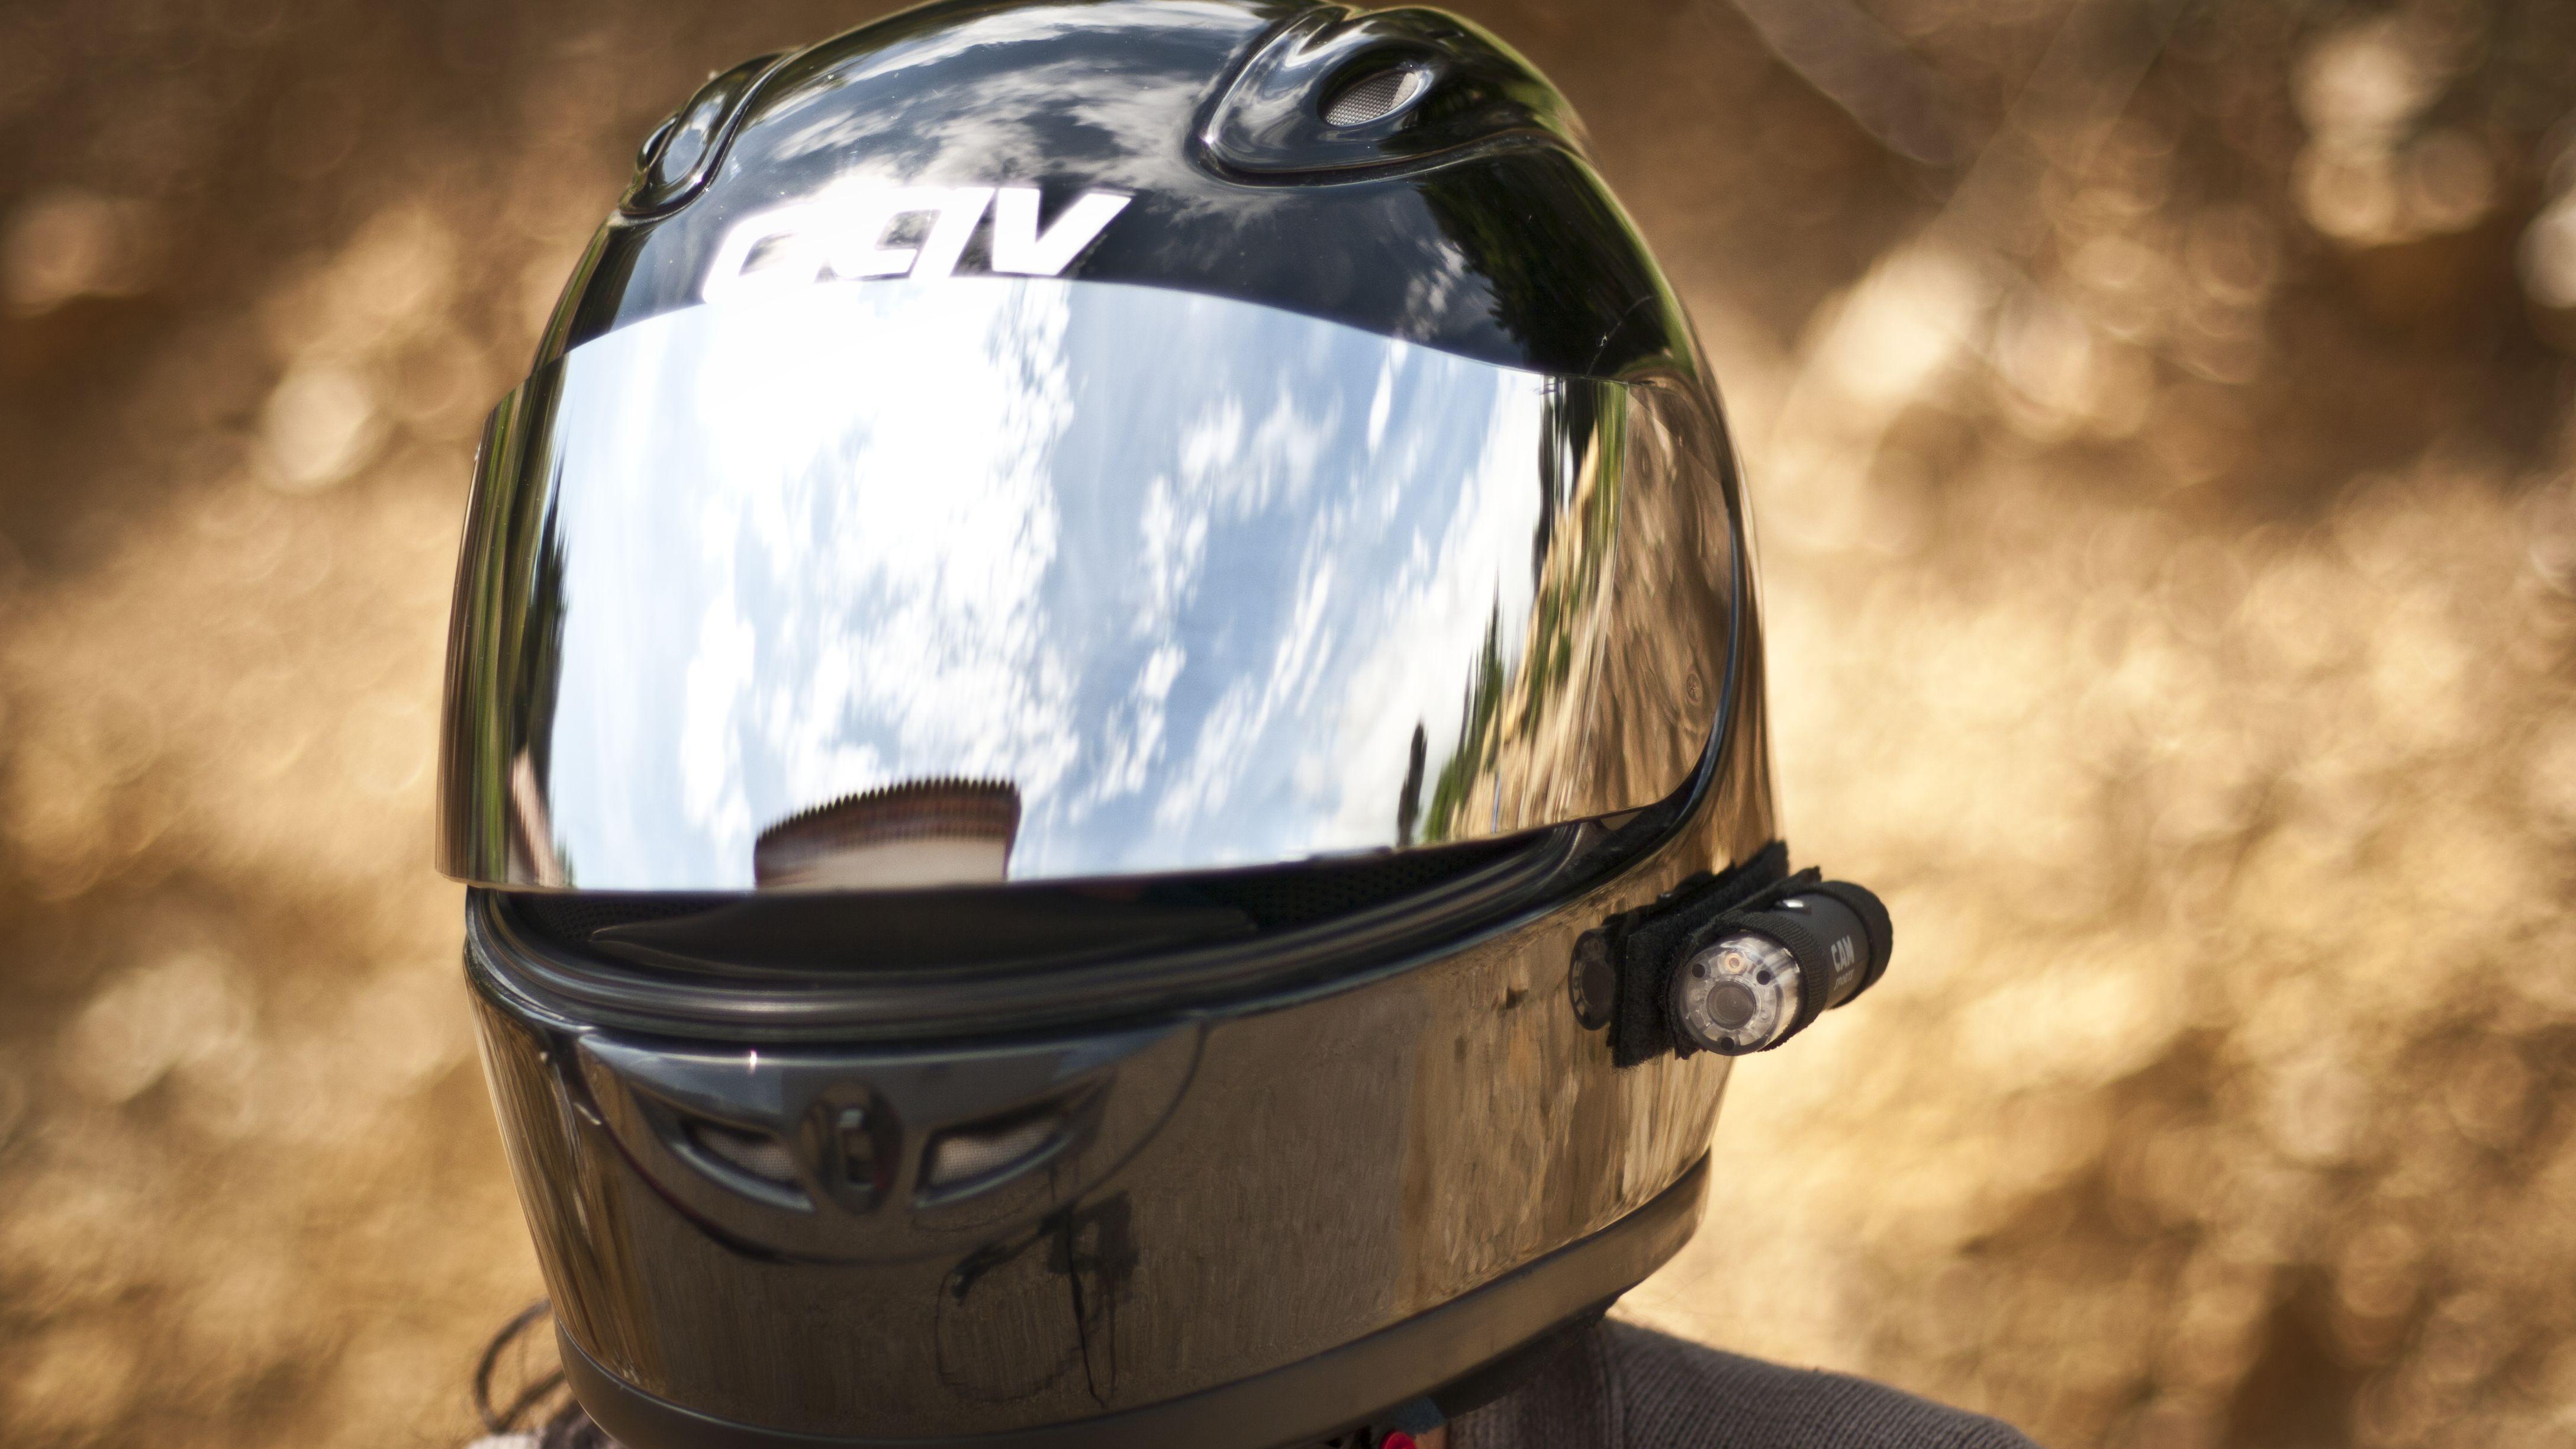 Camera casque moto